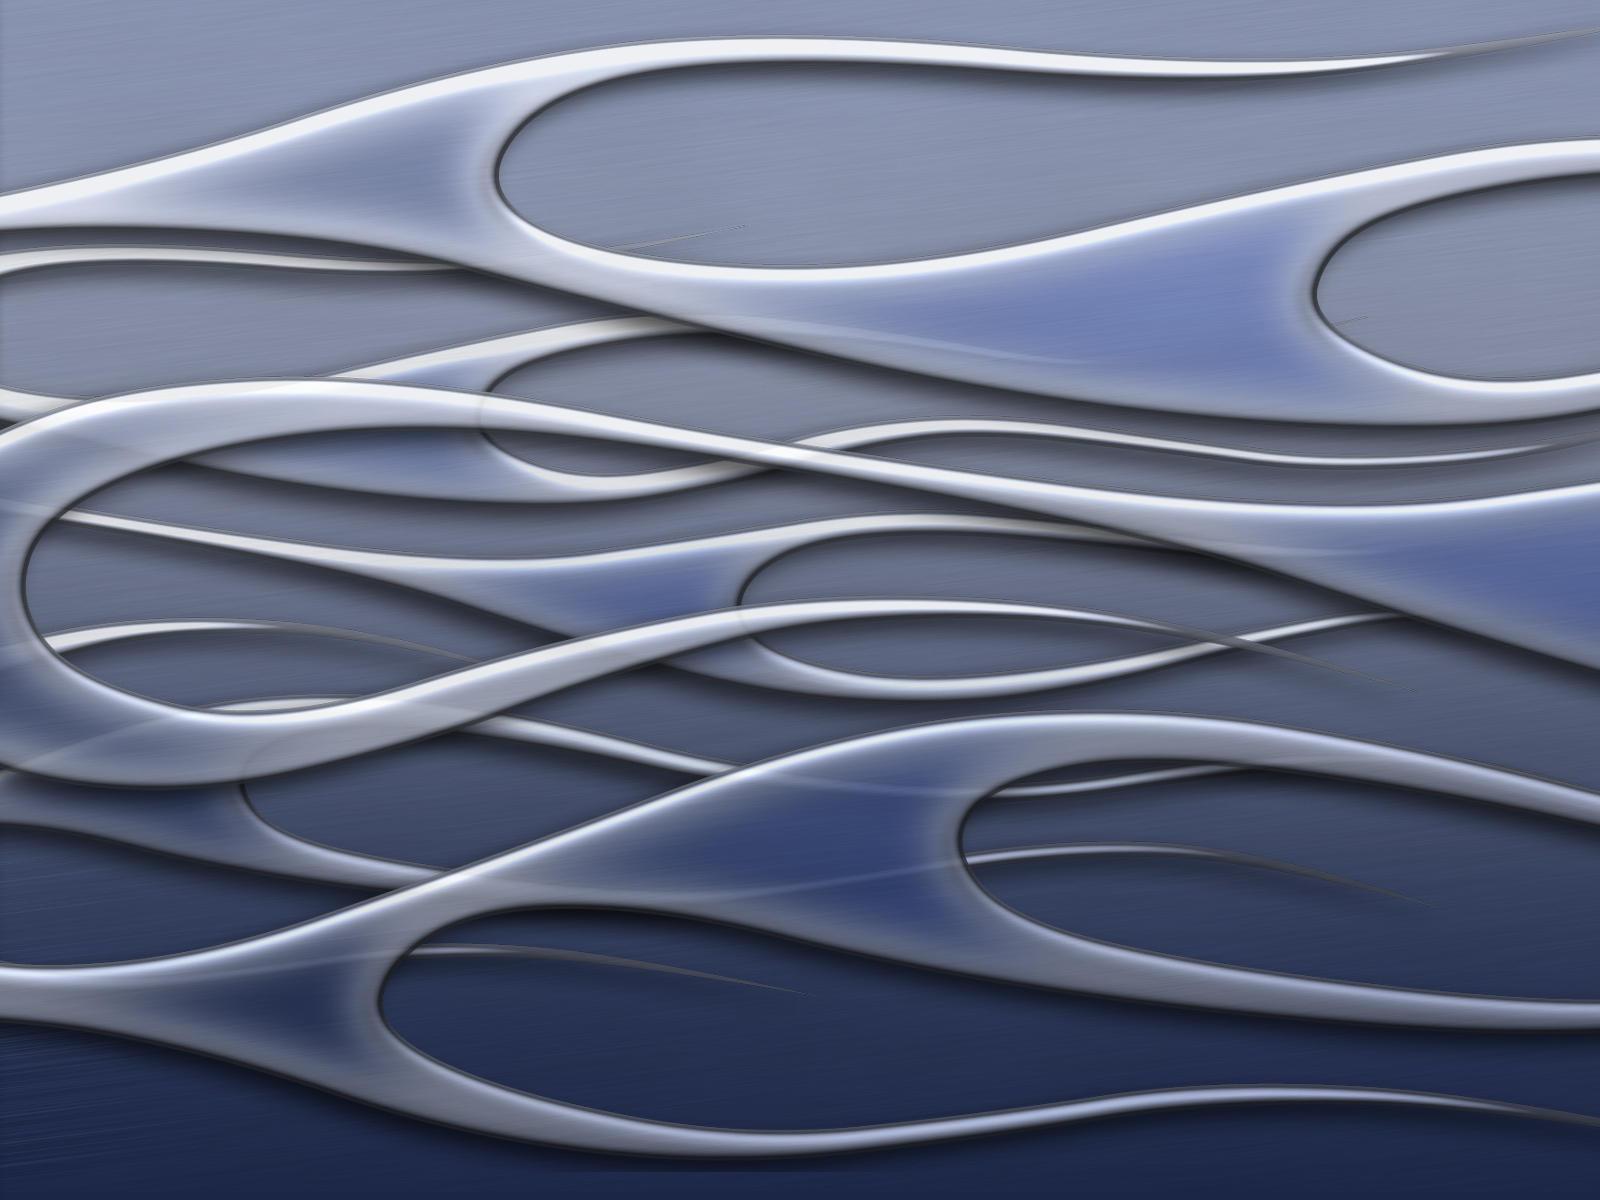 flames - blue metal by jbensch